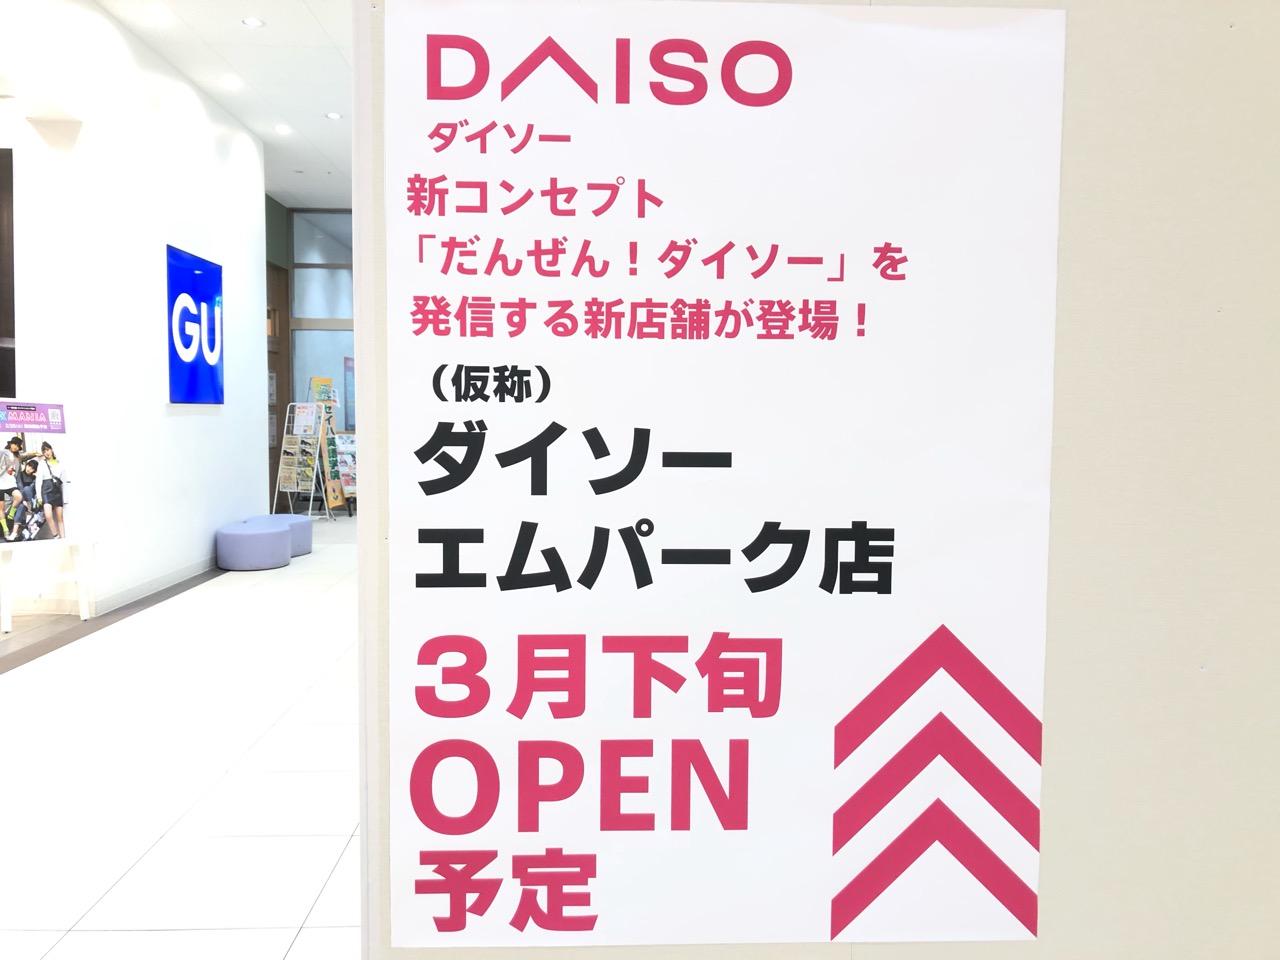 3月下旬にオープンするダイソーメグリアエムパーク店